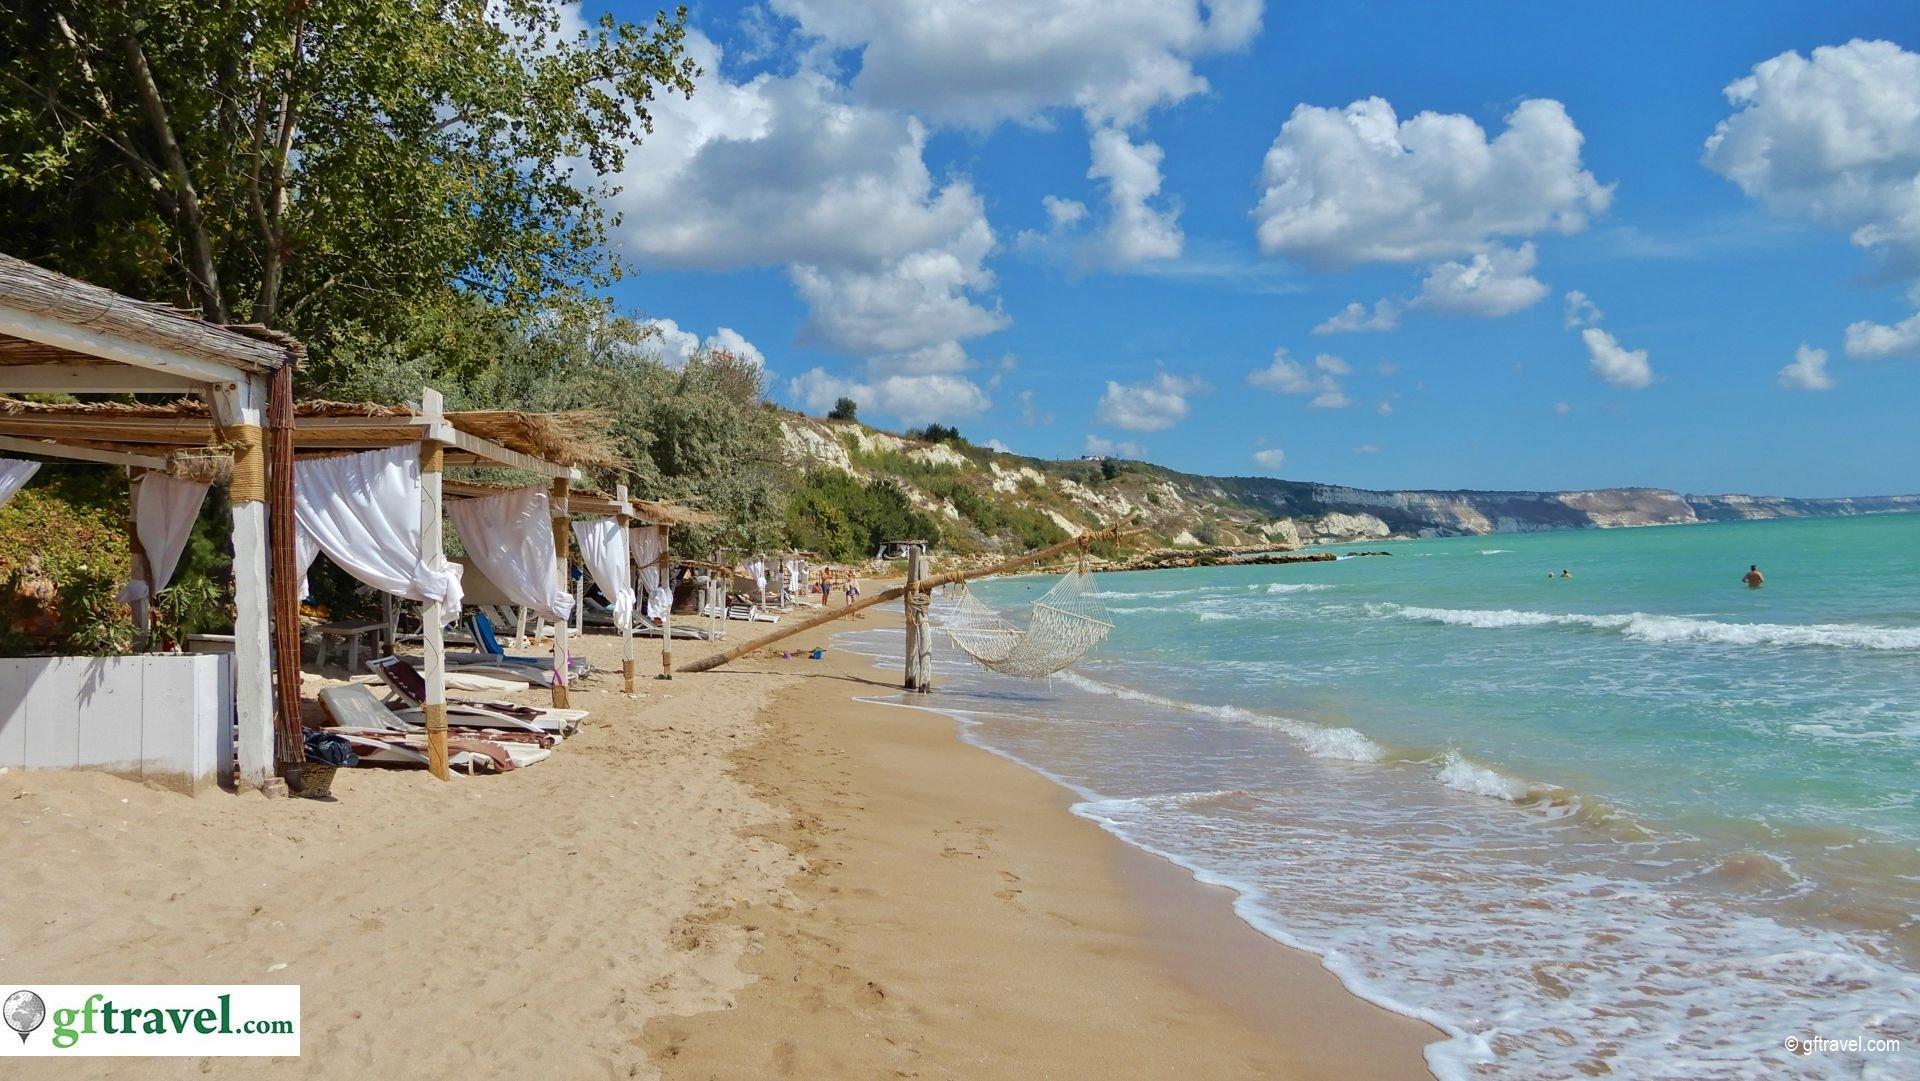 Golf-Gruppenreise-Bulgarien-Thracian-Cliffs-Reisebericht-Thracian-Cliffs-Argata-Beach-View